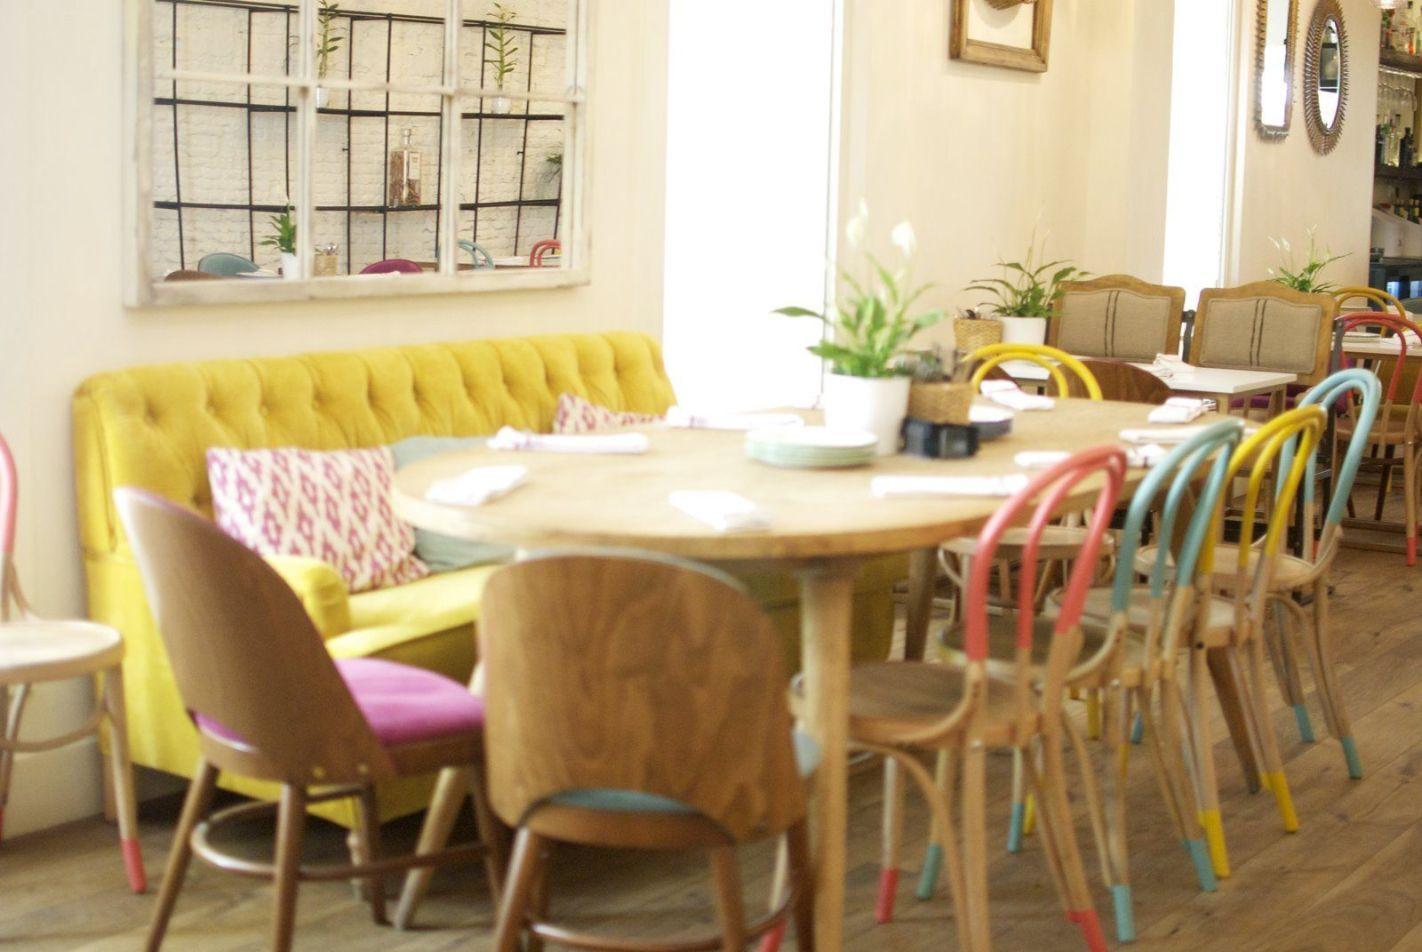 Diseño y decoración de interiores para Resto Bar el Columpio en Madrid de estilo rústico nórdico e industrial